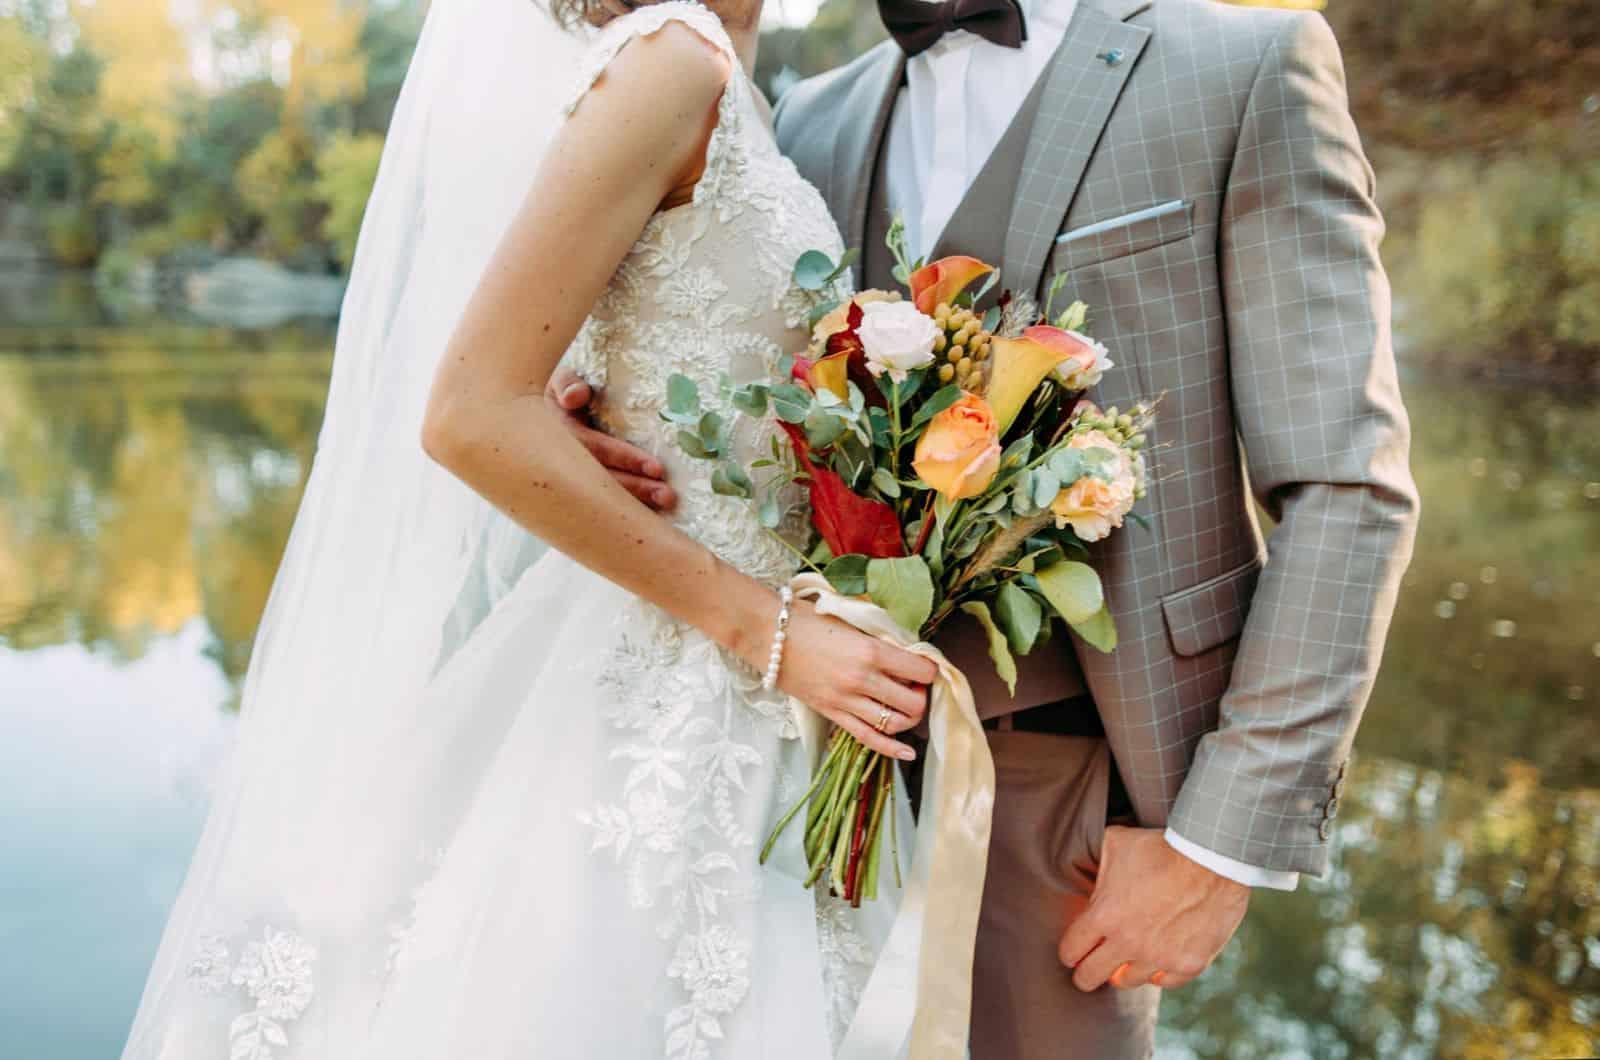 Hochzeitspaar mit Vintage-Blumenstrauß fotografiert